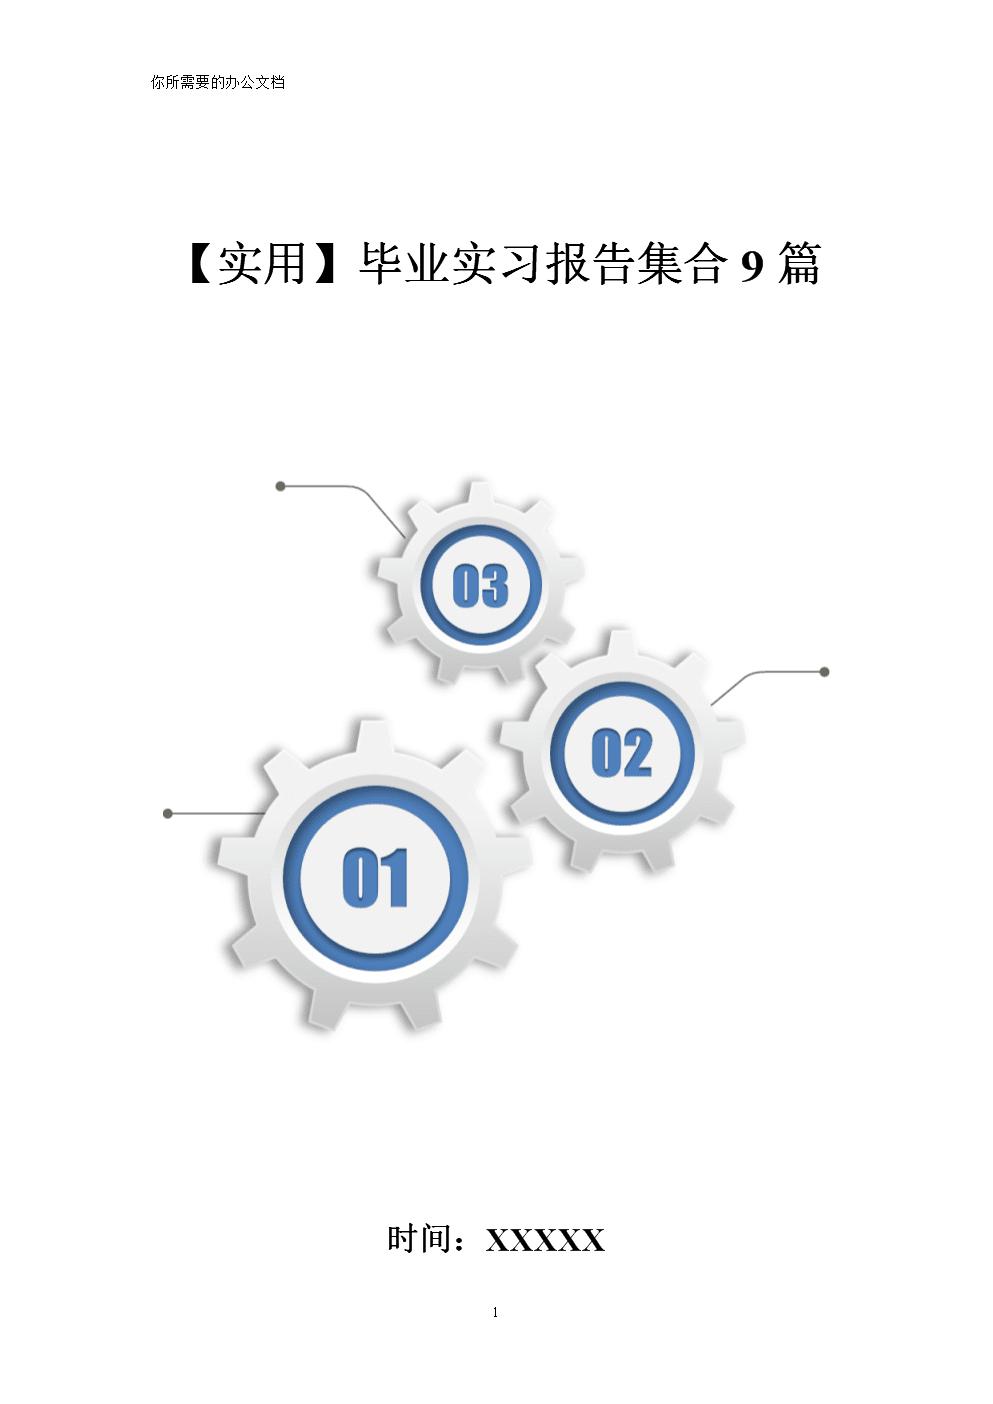 【实用】毕业实习报告集合9篇.doc